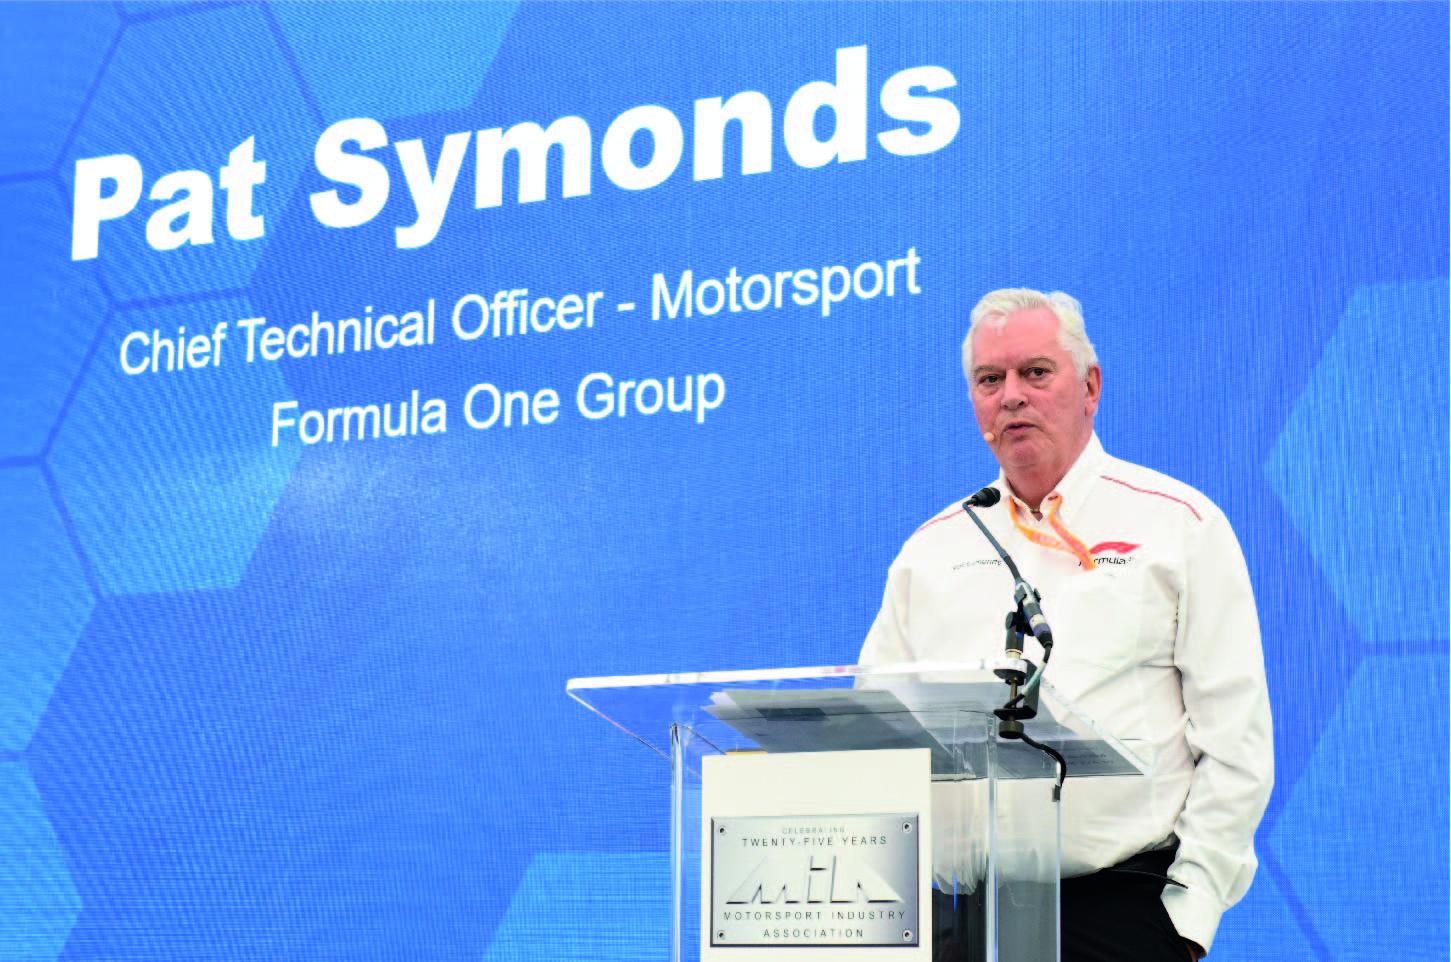 Pat Symonds, Diretor Técnico da Fórmula 1